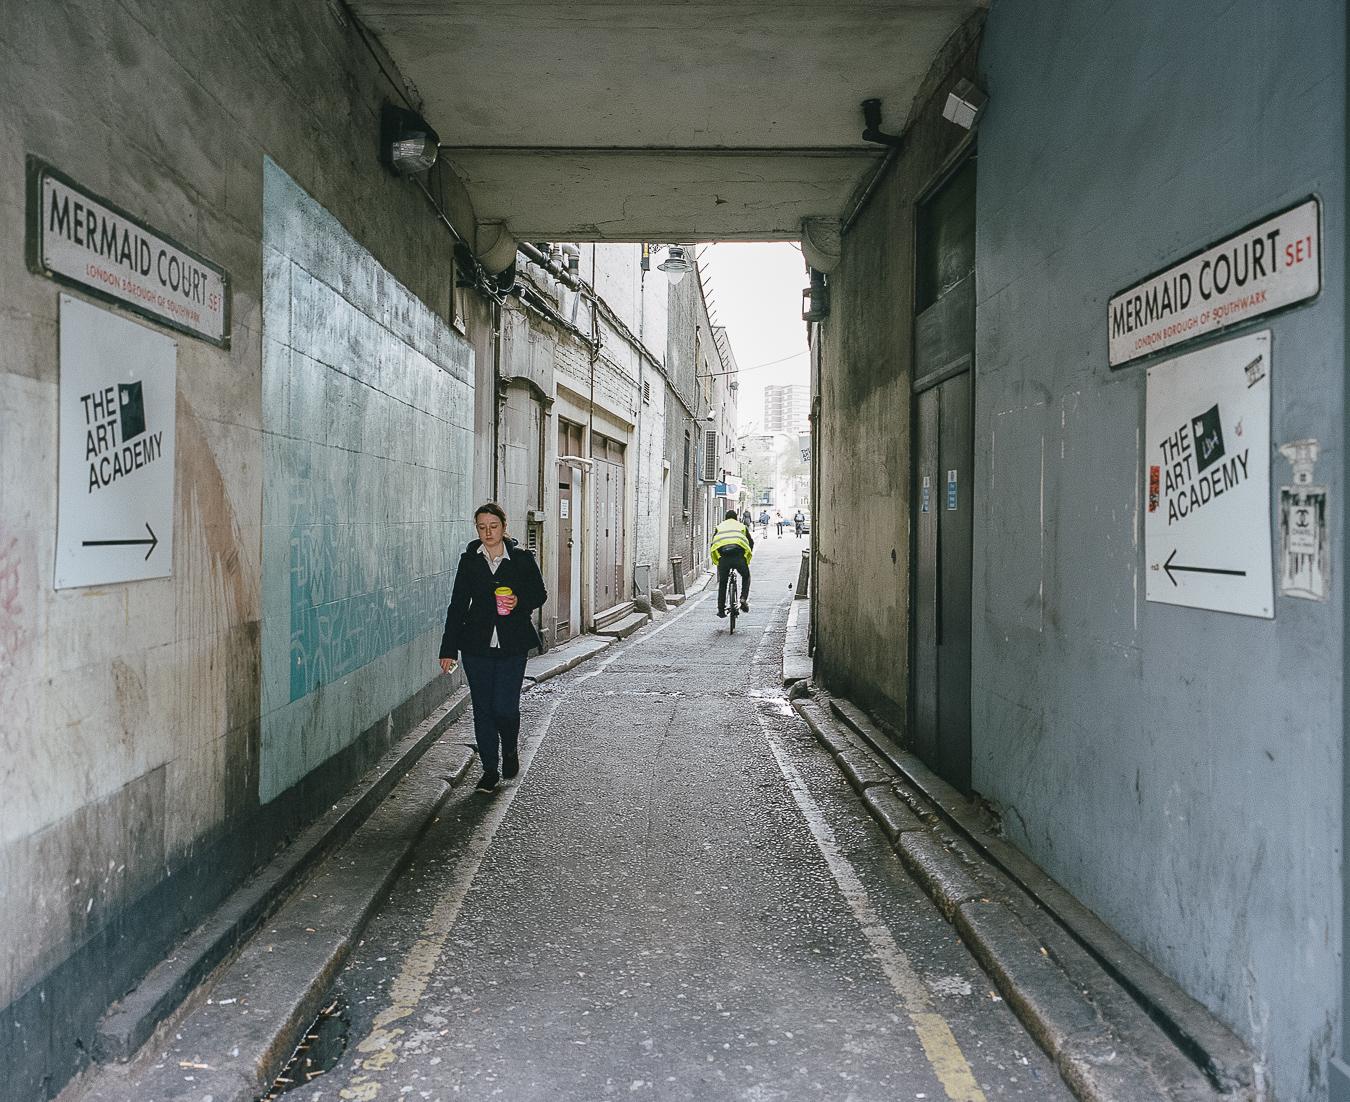 Alleyway to Theodore's studio